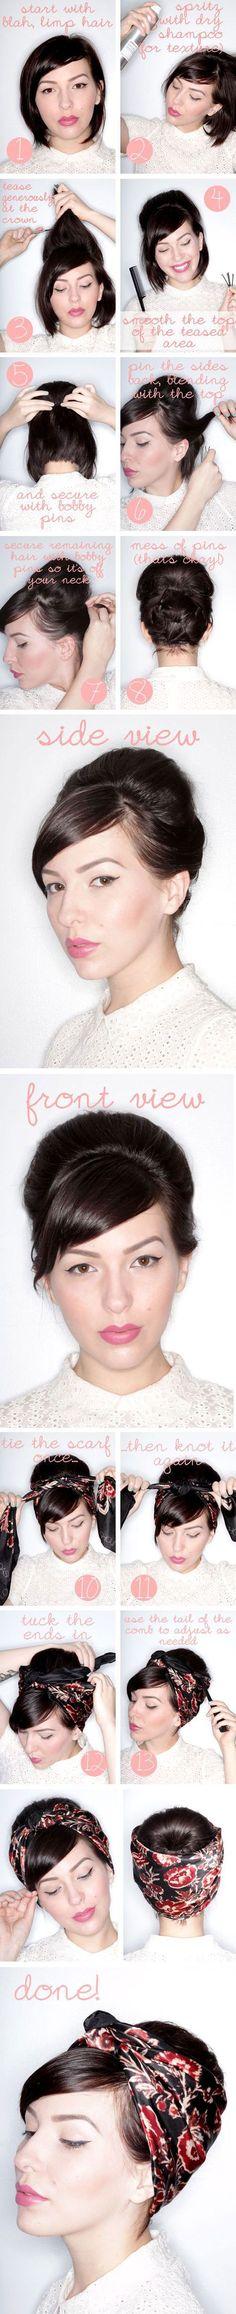 15 Cute, Easy Hairstyle Tutorials For Short Hair, Pixie Cuts   Gurl.com